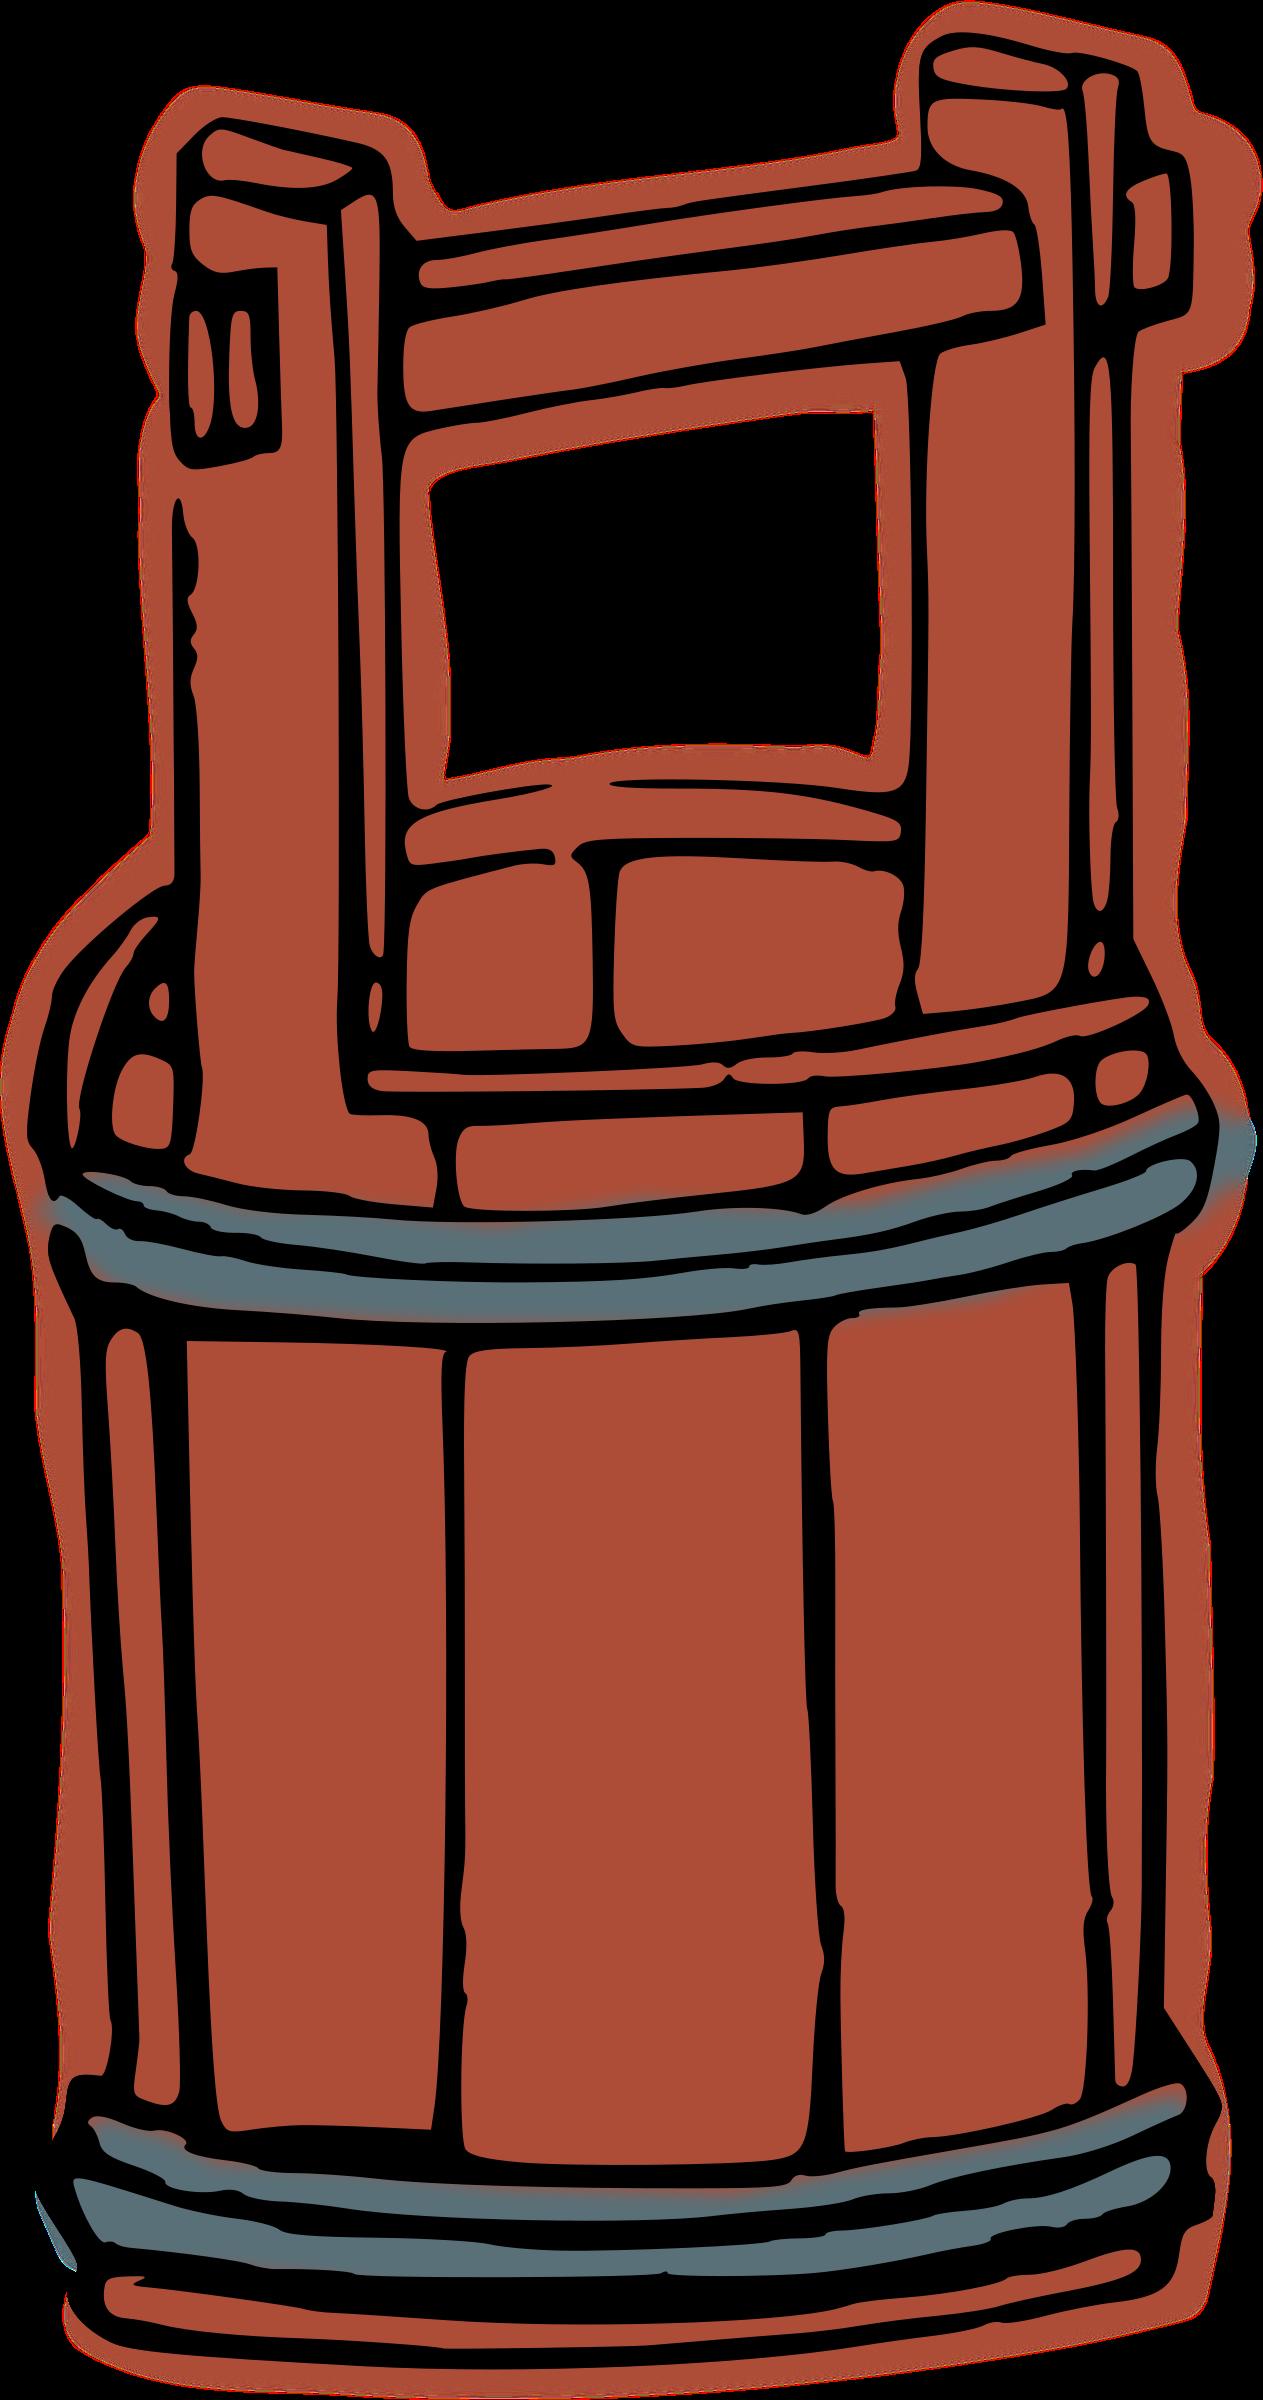 Bucket clipart wooden bucket. Big image png